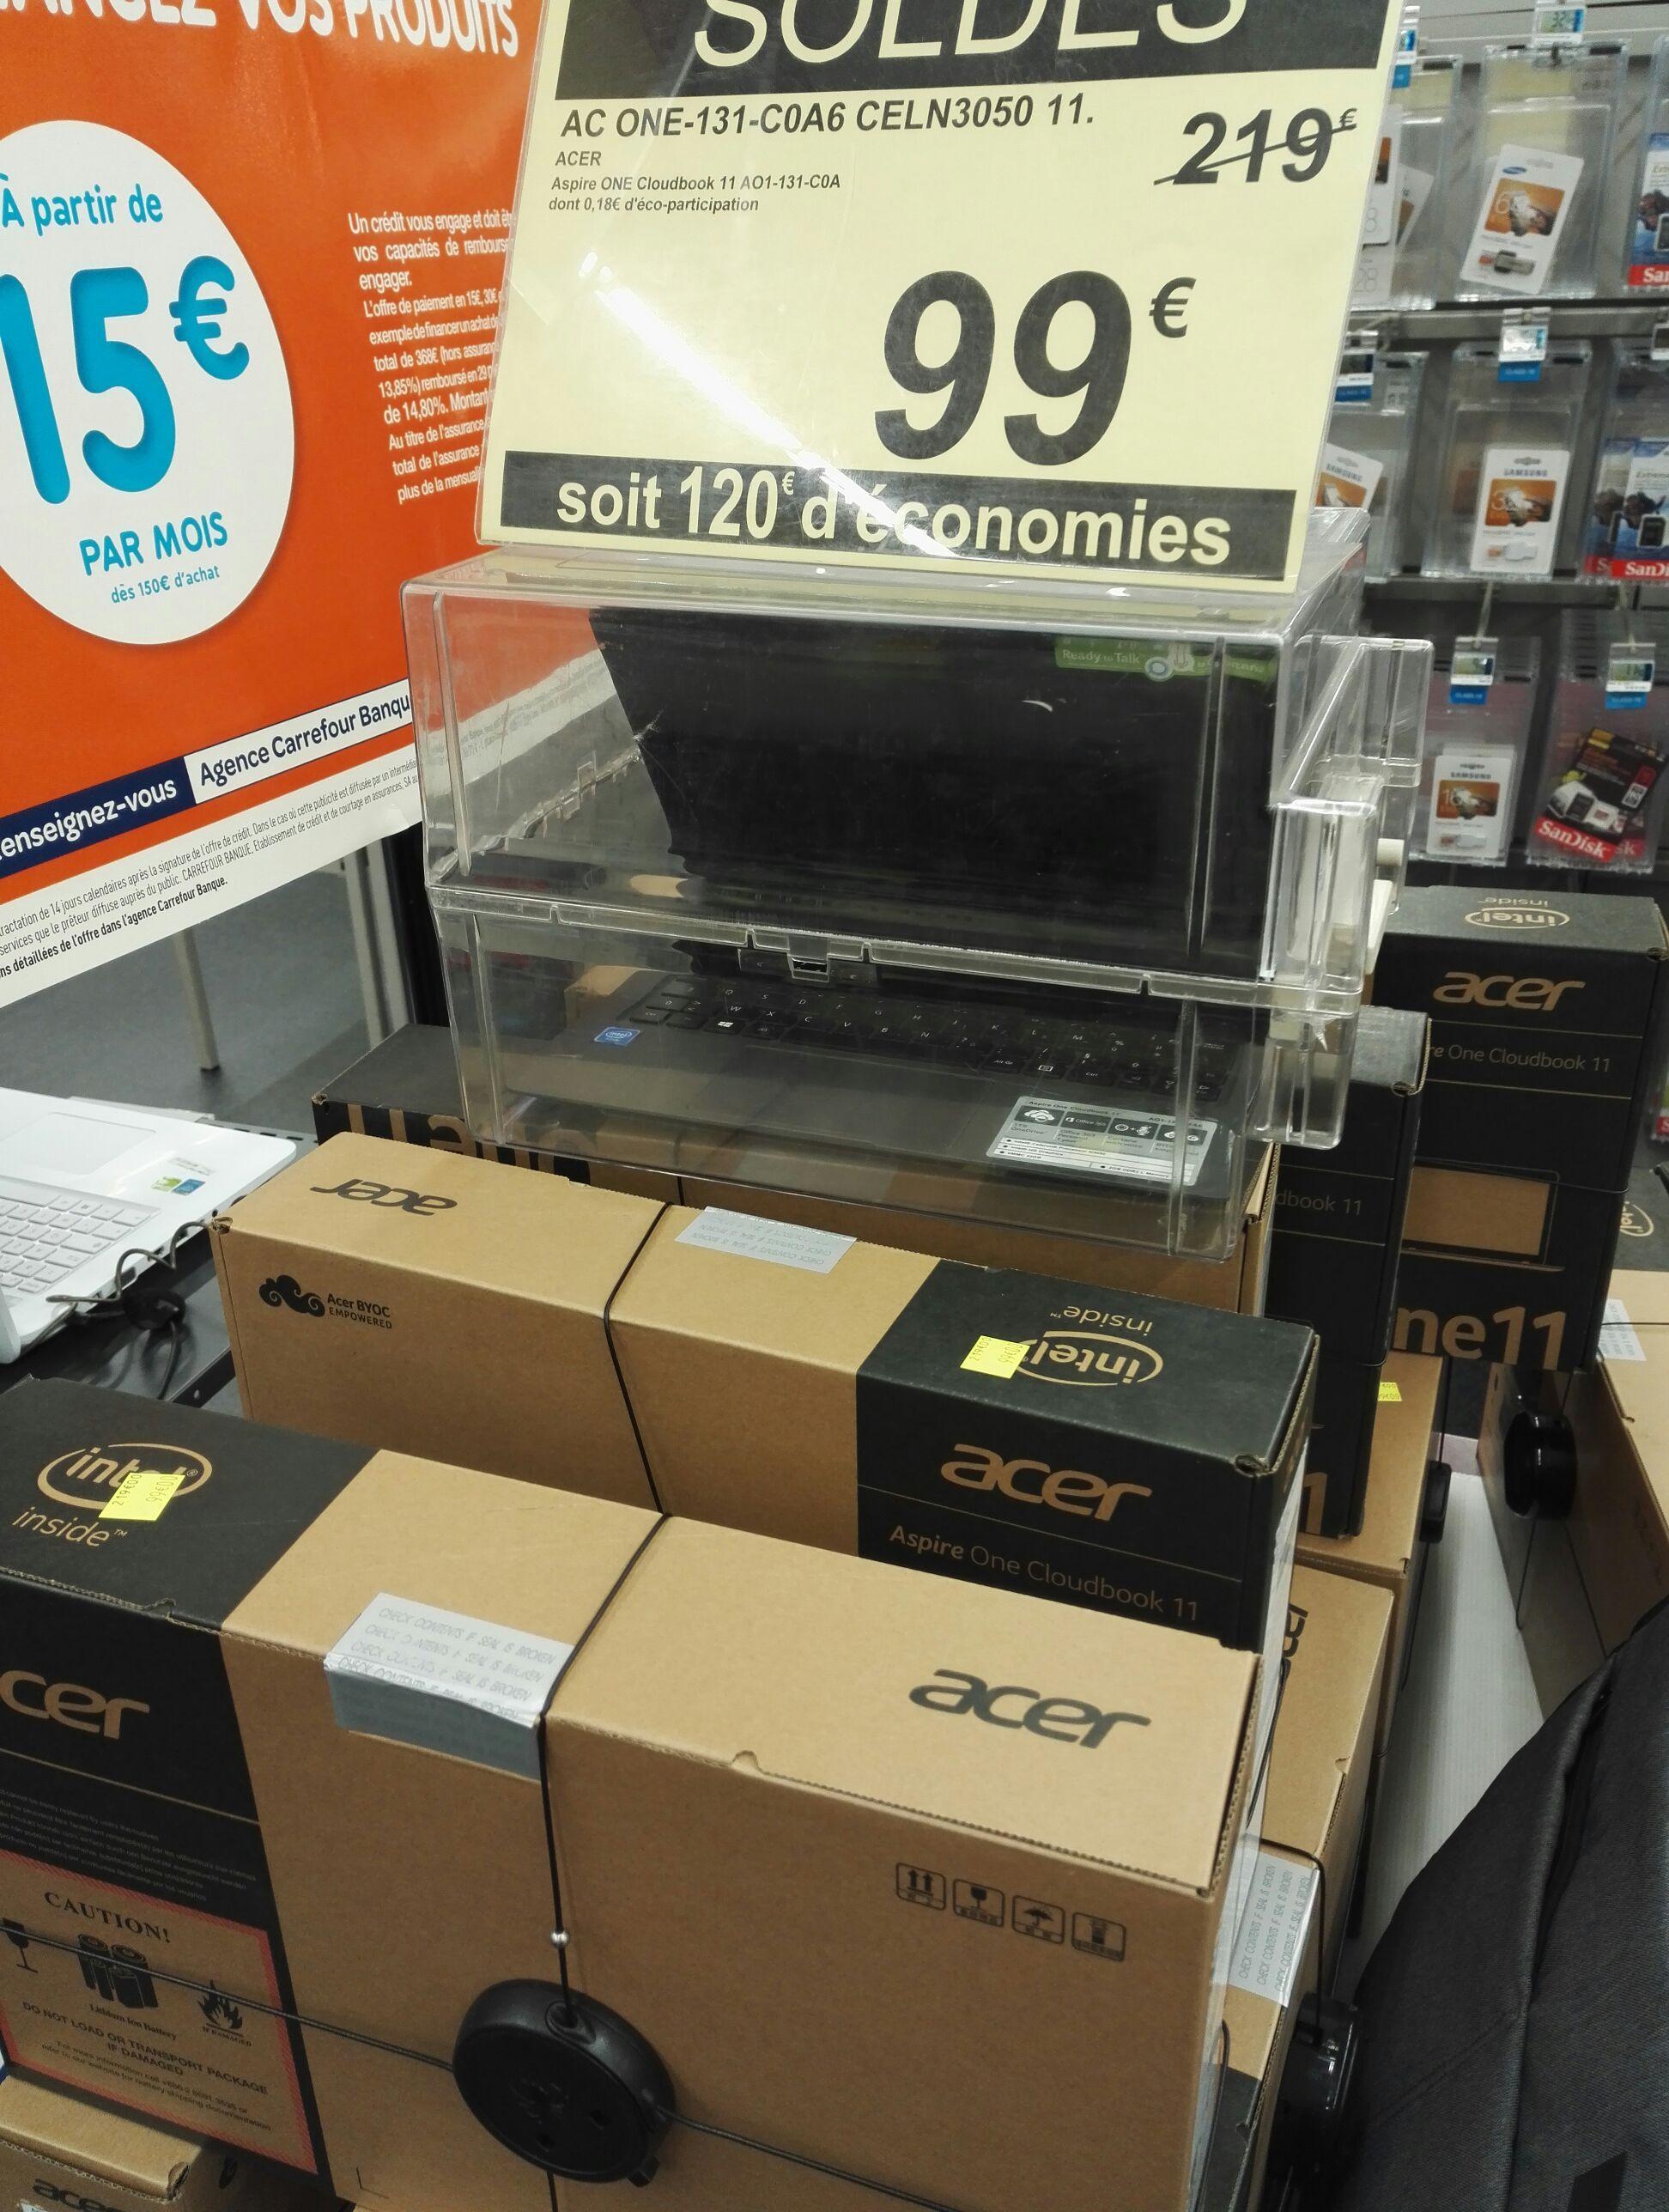 """PC Portable 11.6"""" Acer Aspire One Cloudbook AO1-131-C0A6 (Celeron N3050, 32Go eMMC, 2 Go RAM)"""